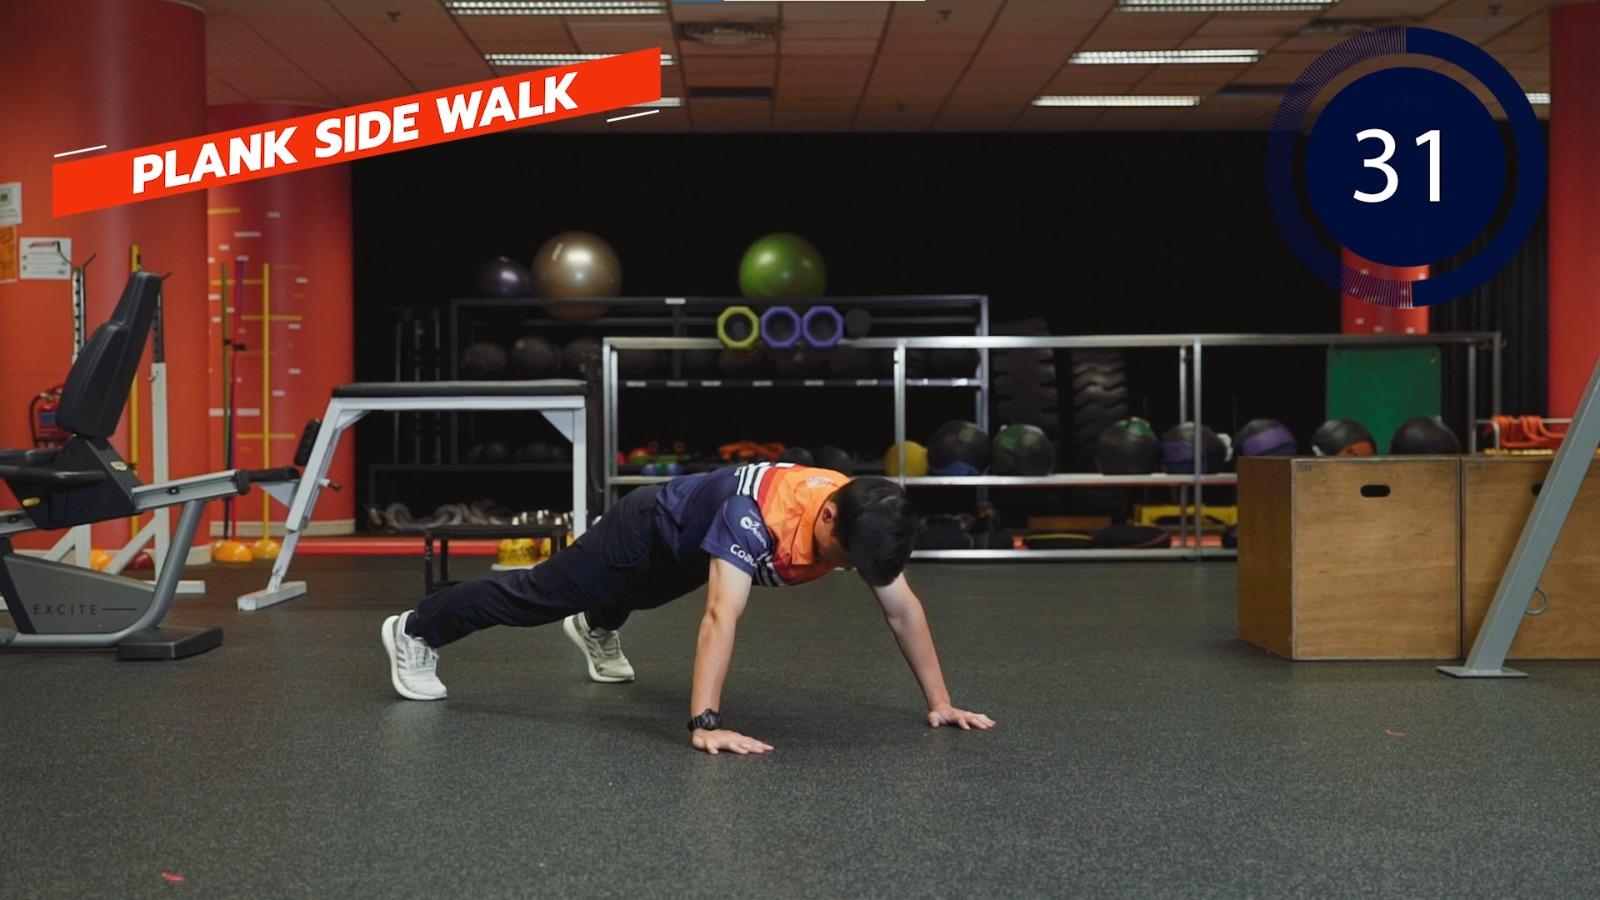 plank side walk